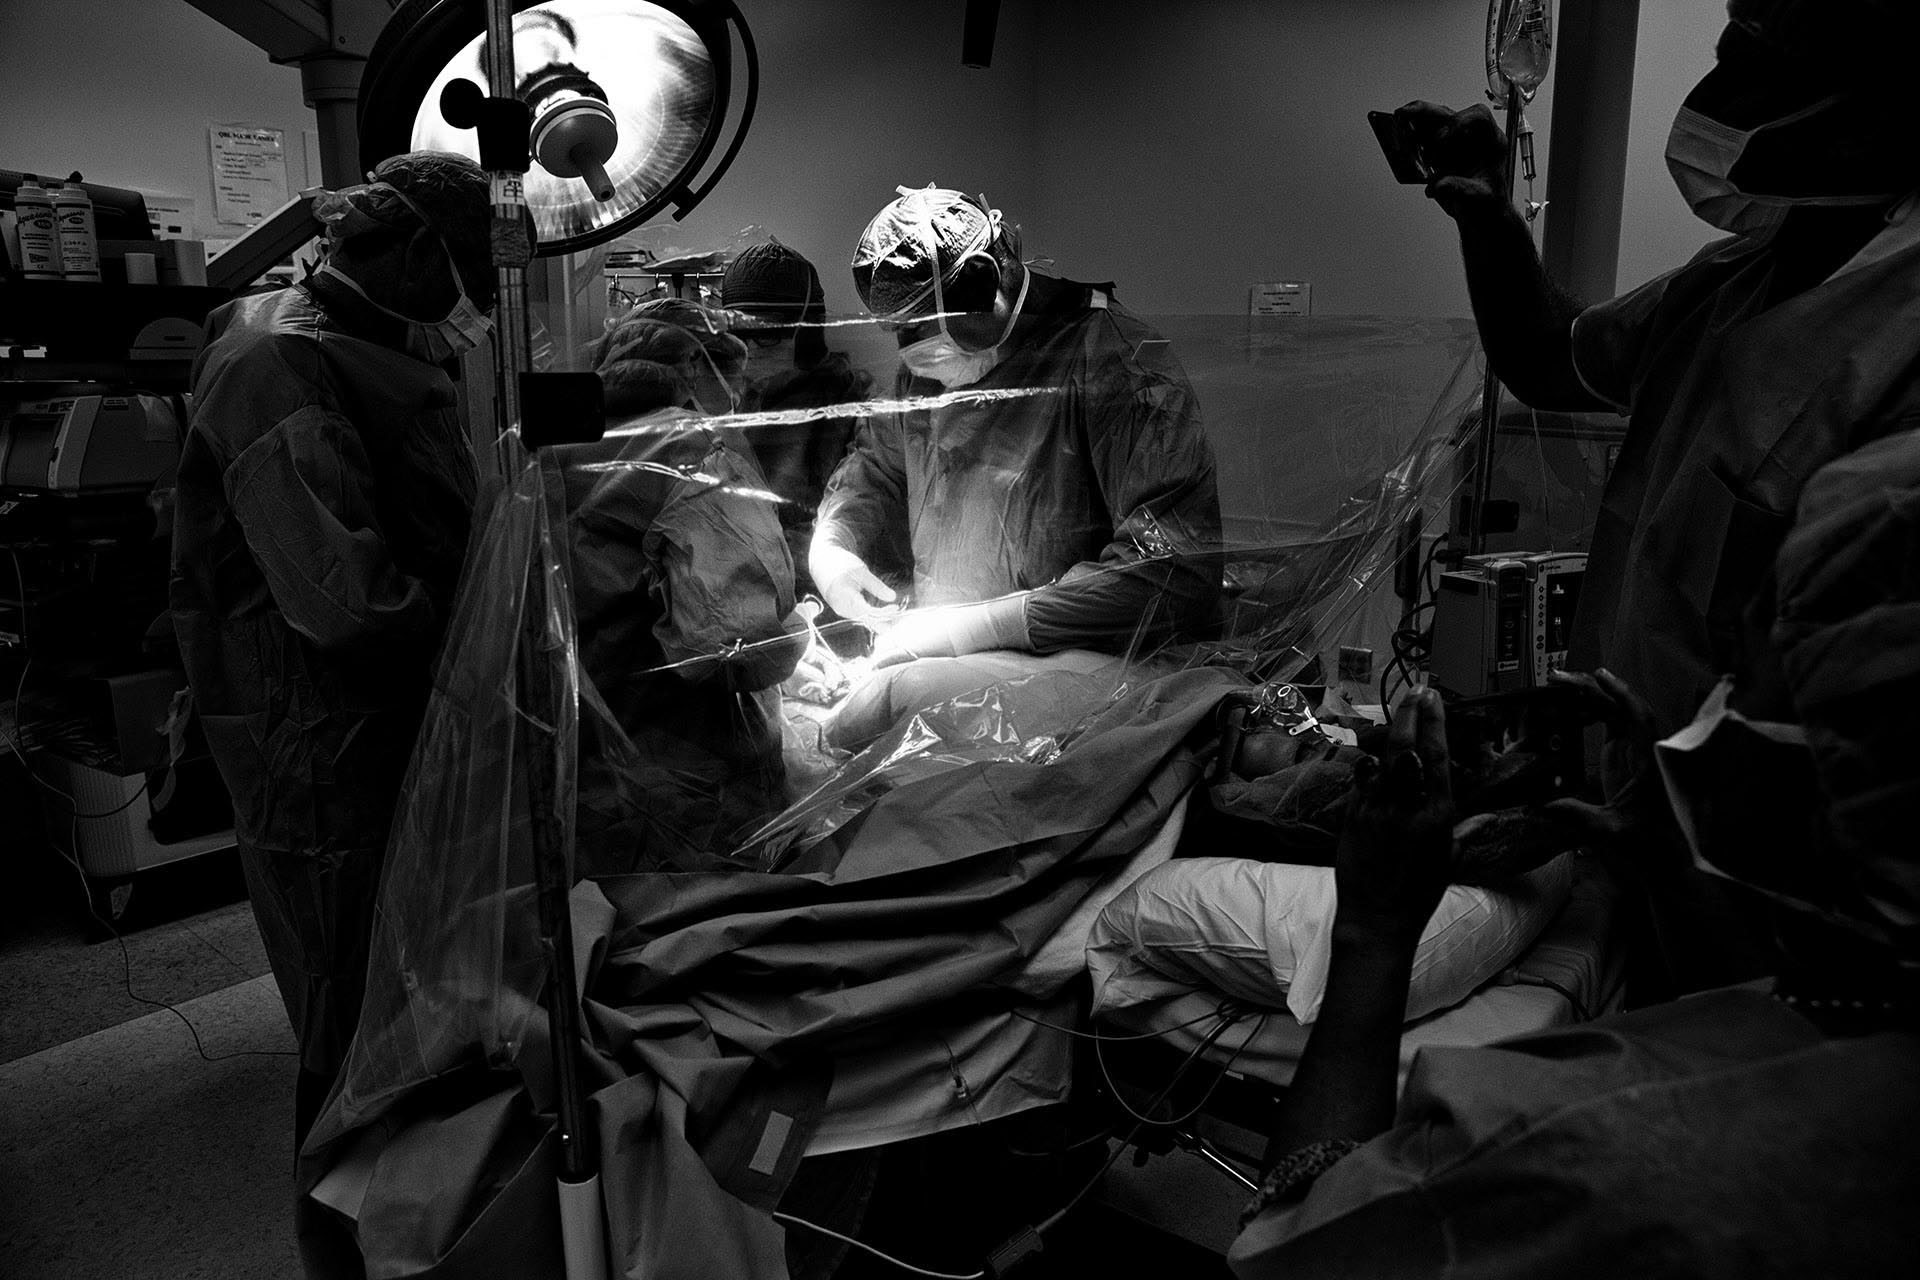 black and white birth photo of a cesarean birth bu Santa Monica birth photographer, Leona Darnell